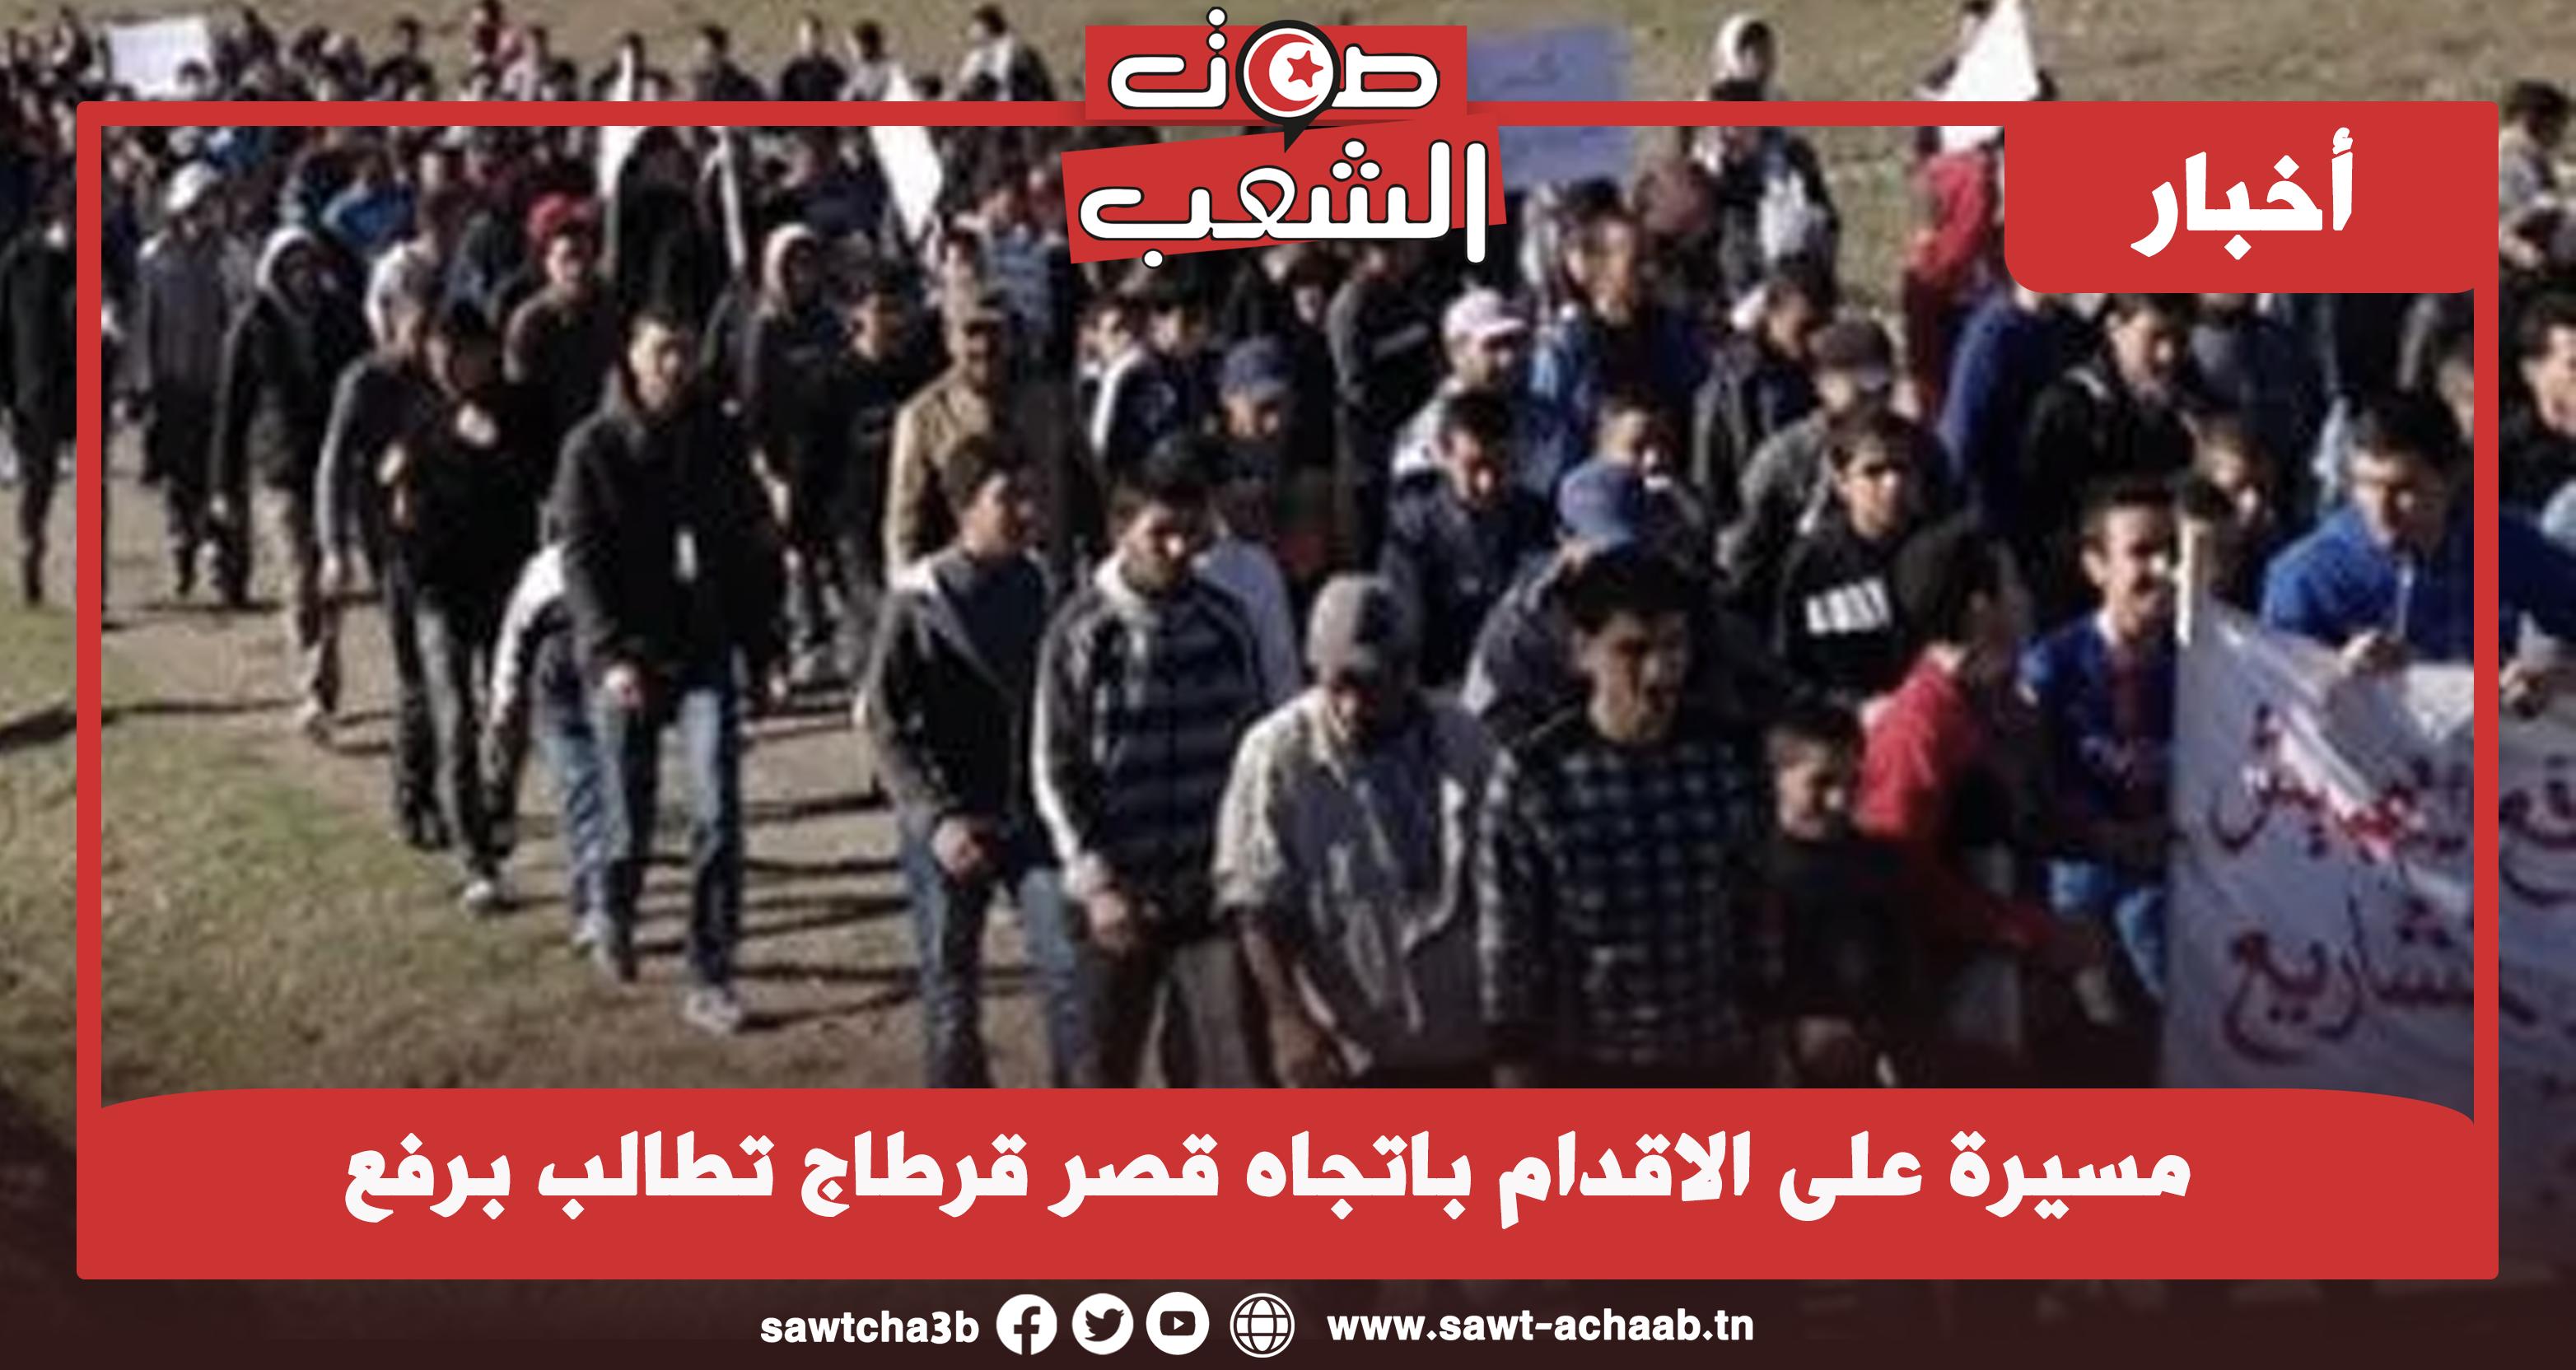 مسيرة على الاقدام باتجاه قصر قرطاج تطالب برفع التهميش